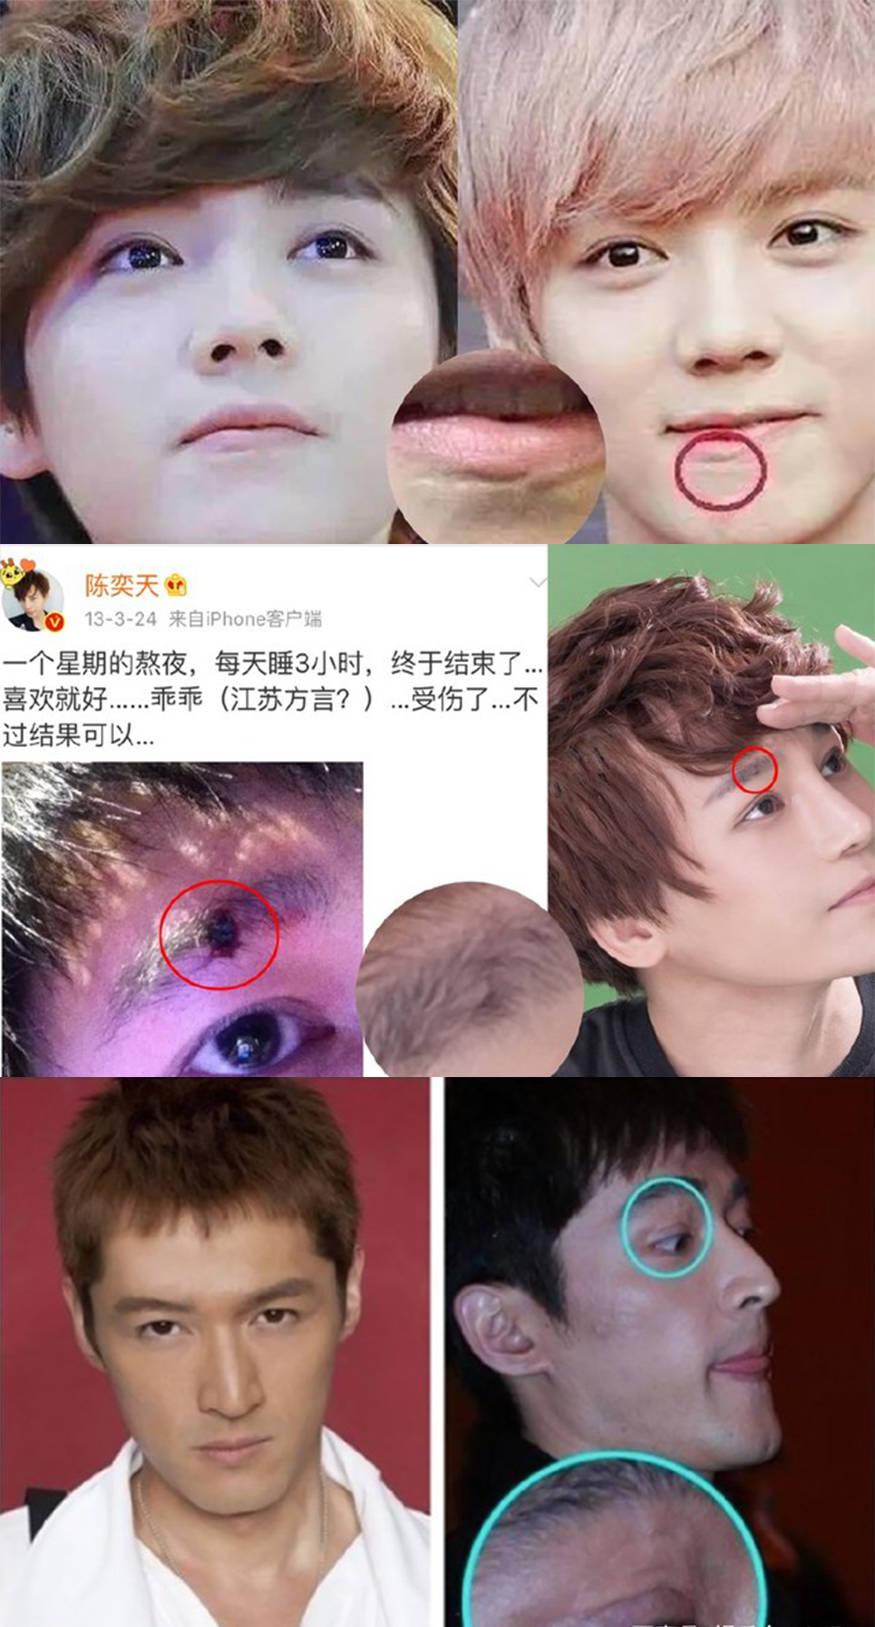 http://www.weixinrensheng.com/baguajing/2192997.html